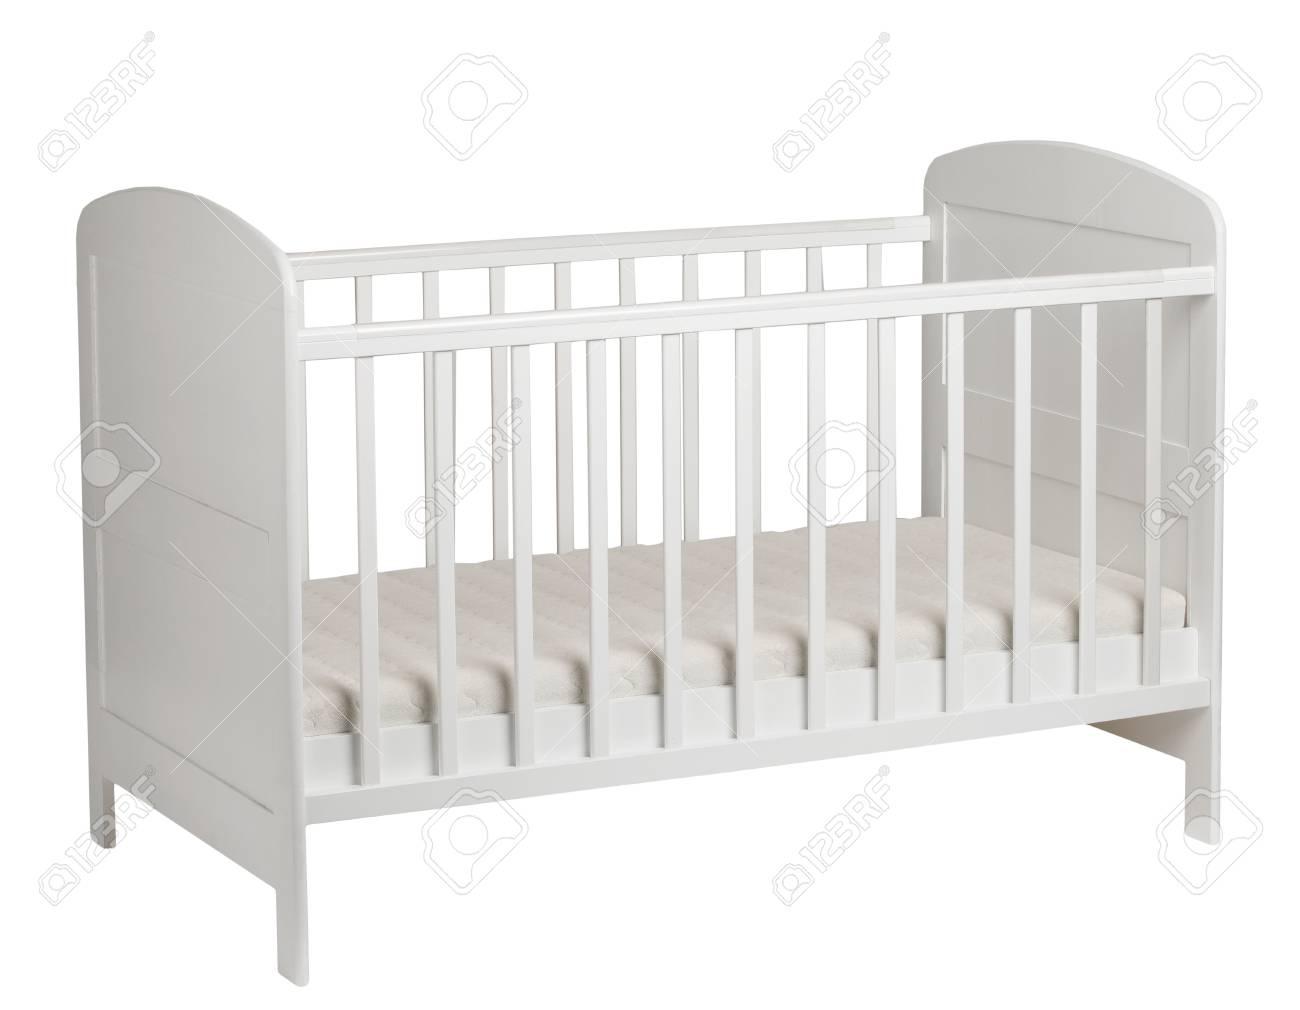 Mueble. Cuna Blanca Para Los Niños Con Colchón Aislados Sobre Fondo ...